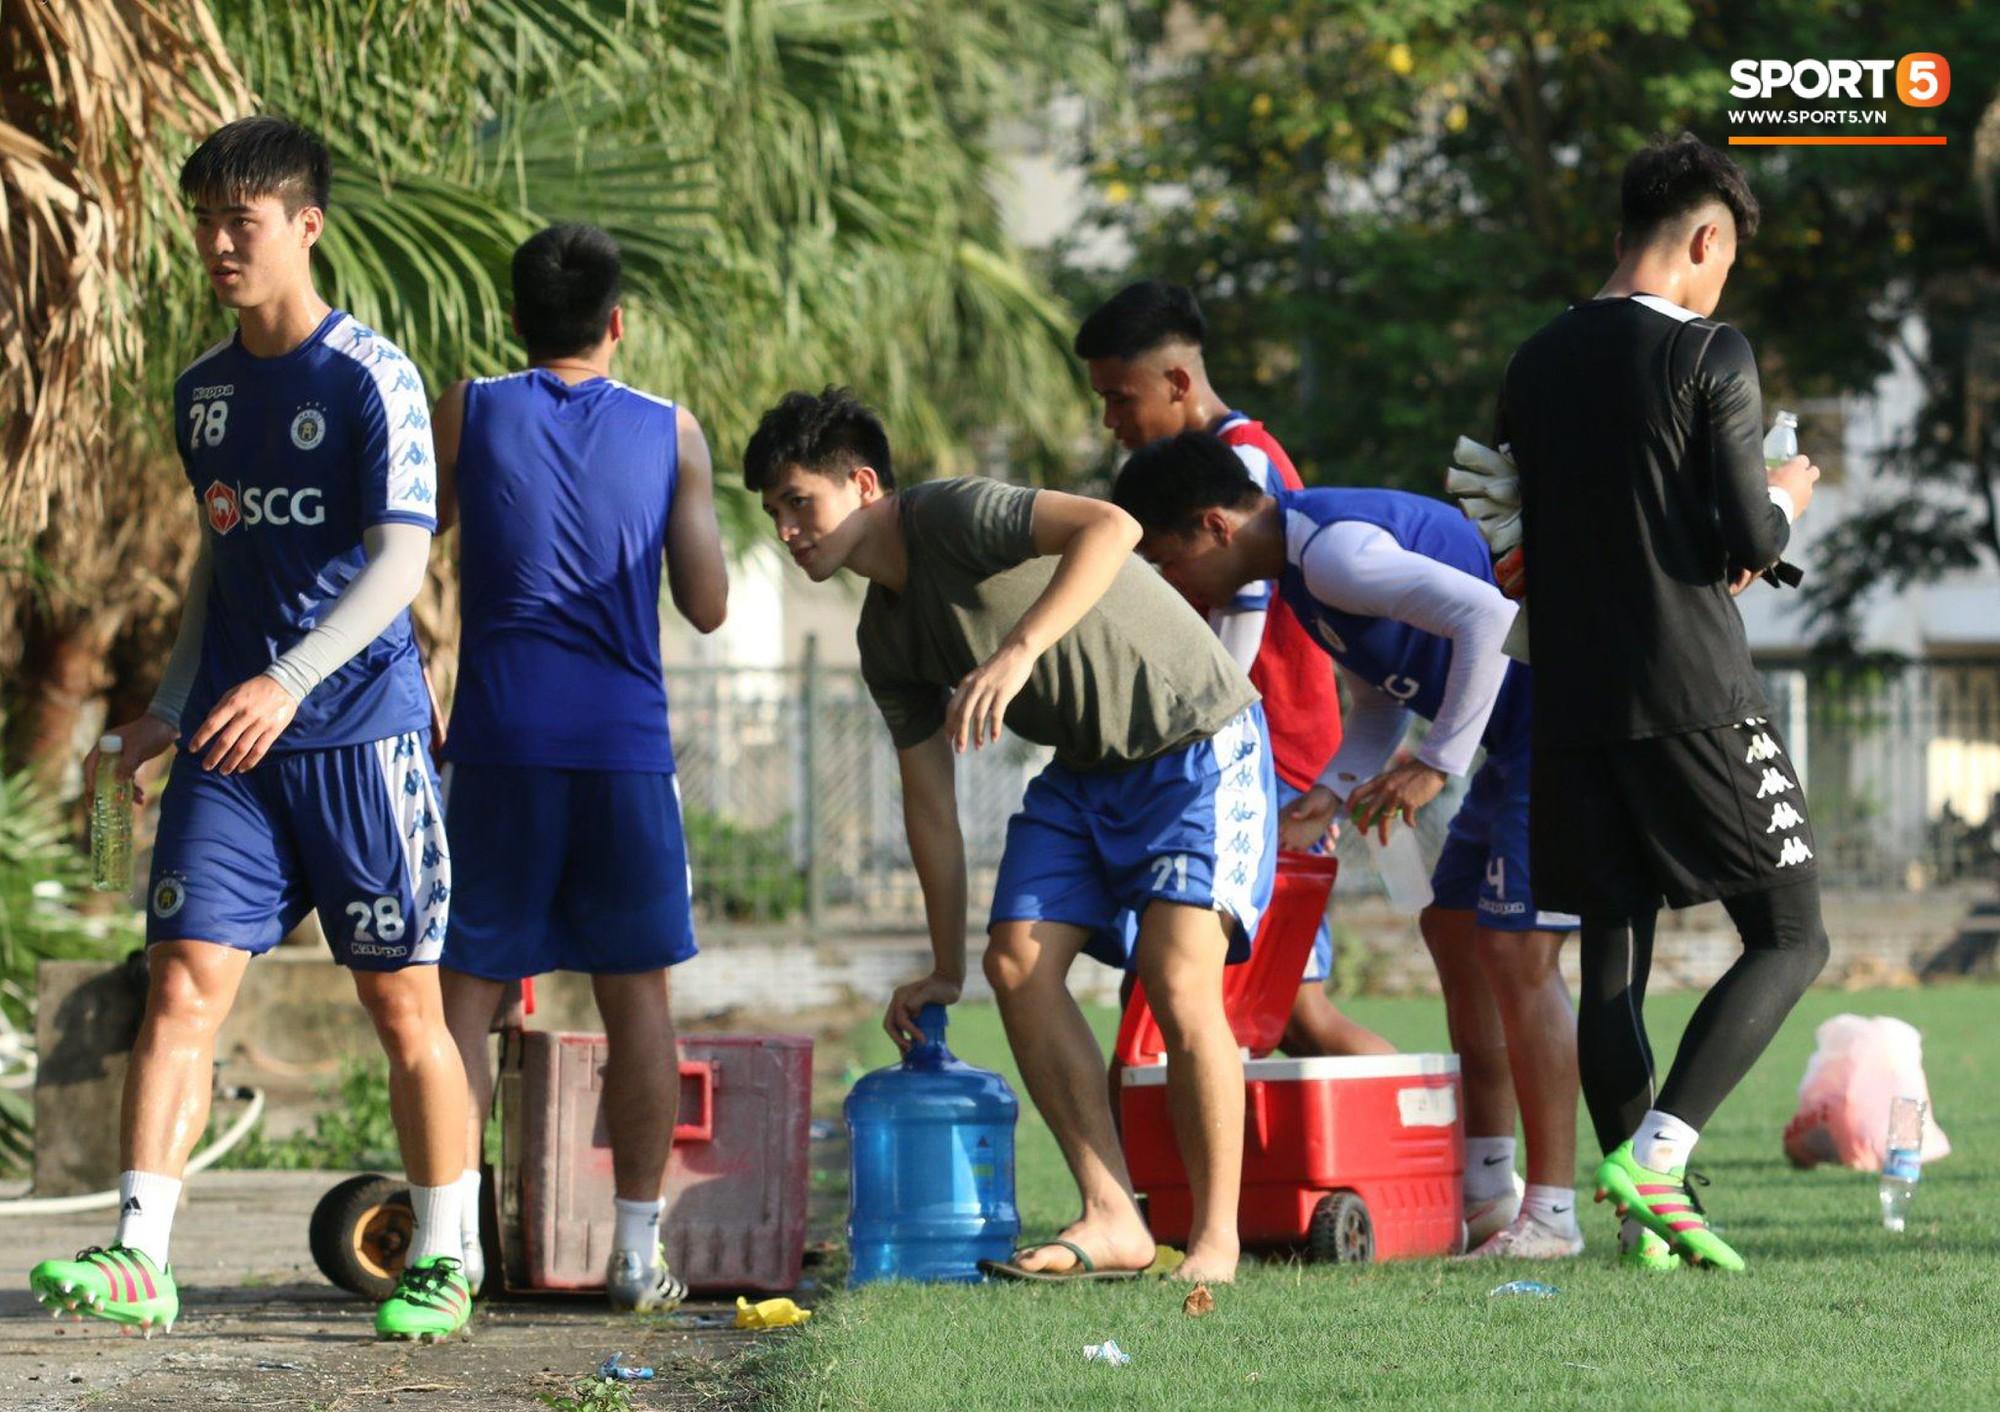 Đình Trọng xem đồng đội tập luyện, làm việc vặt giết thời gian trong khi chờ sang Singapore phẫu thuật - Ảnh 4.